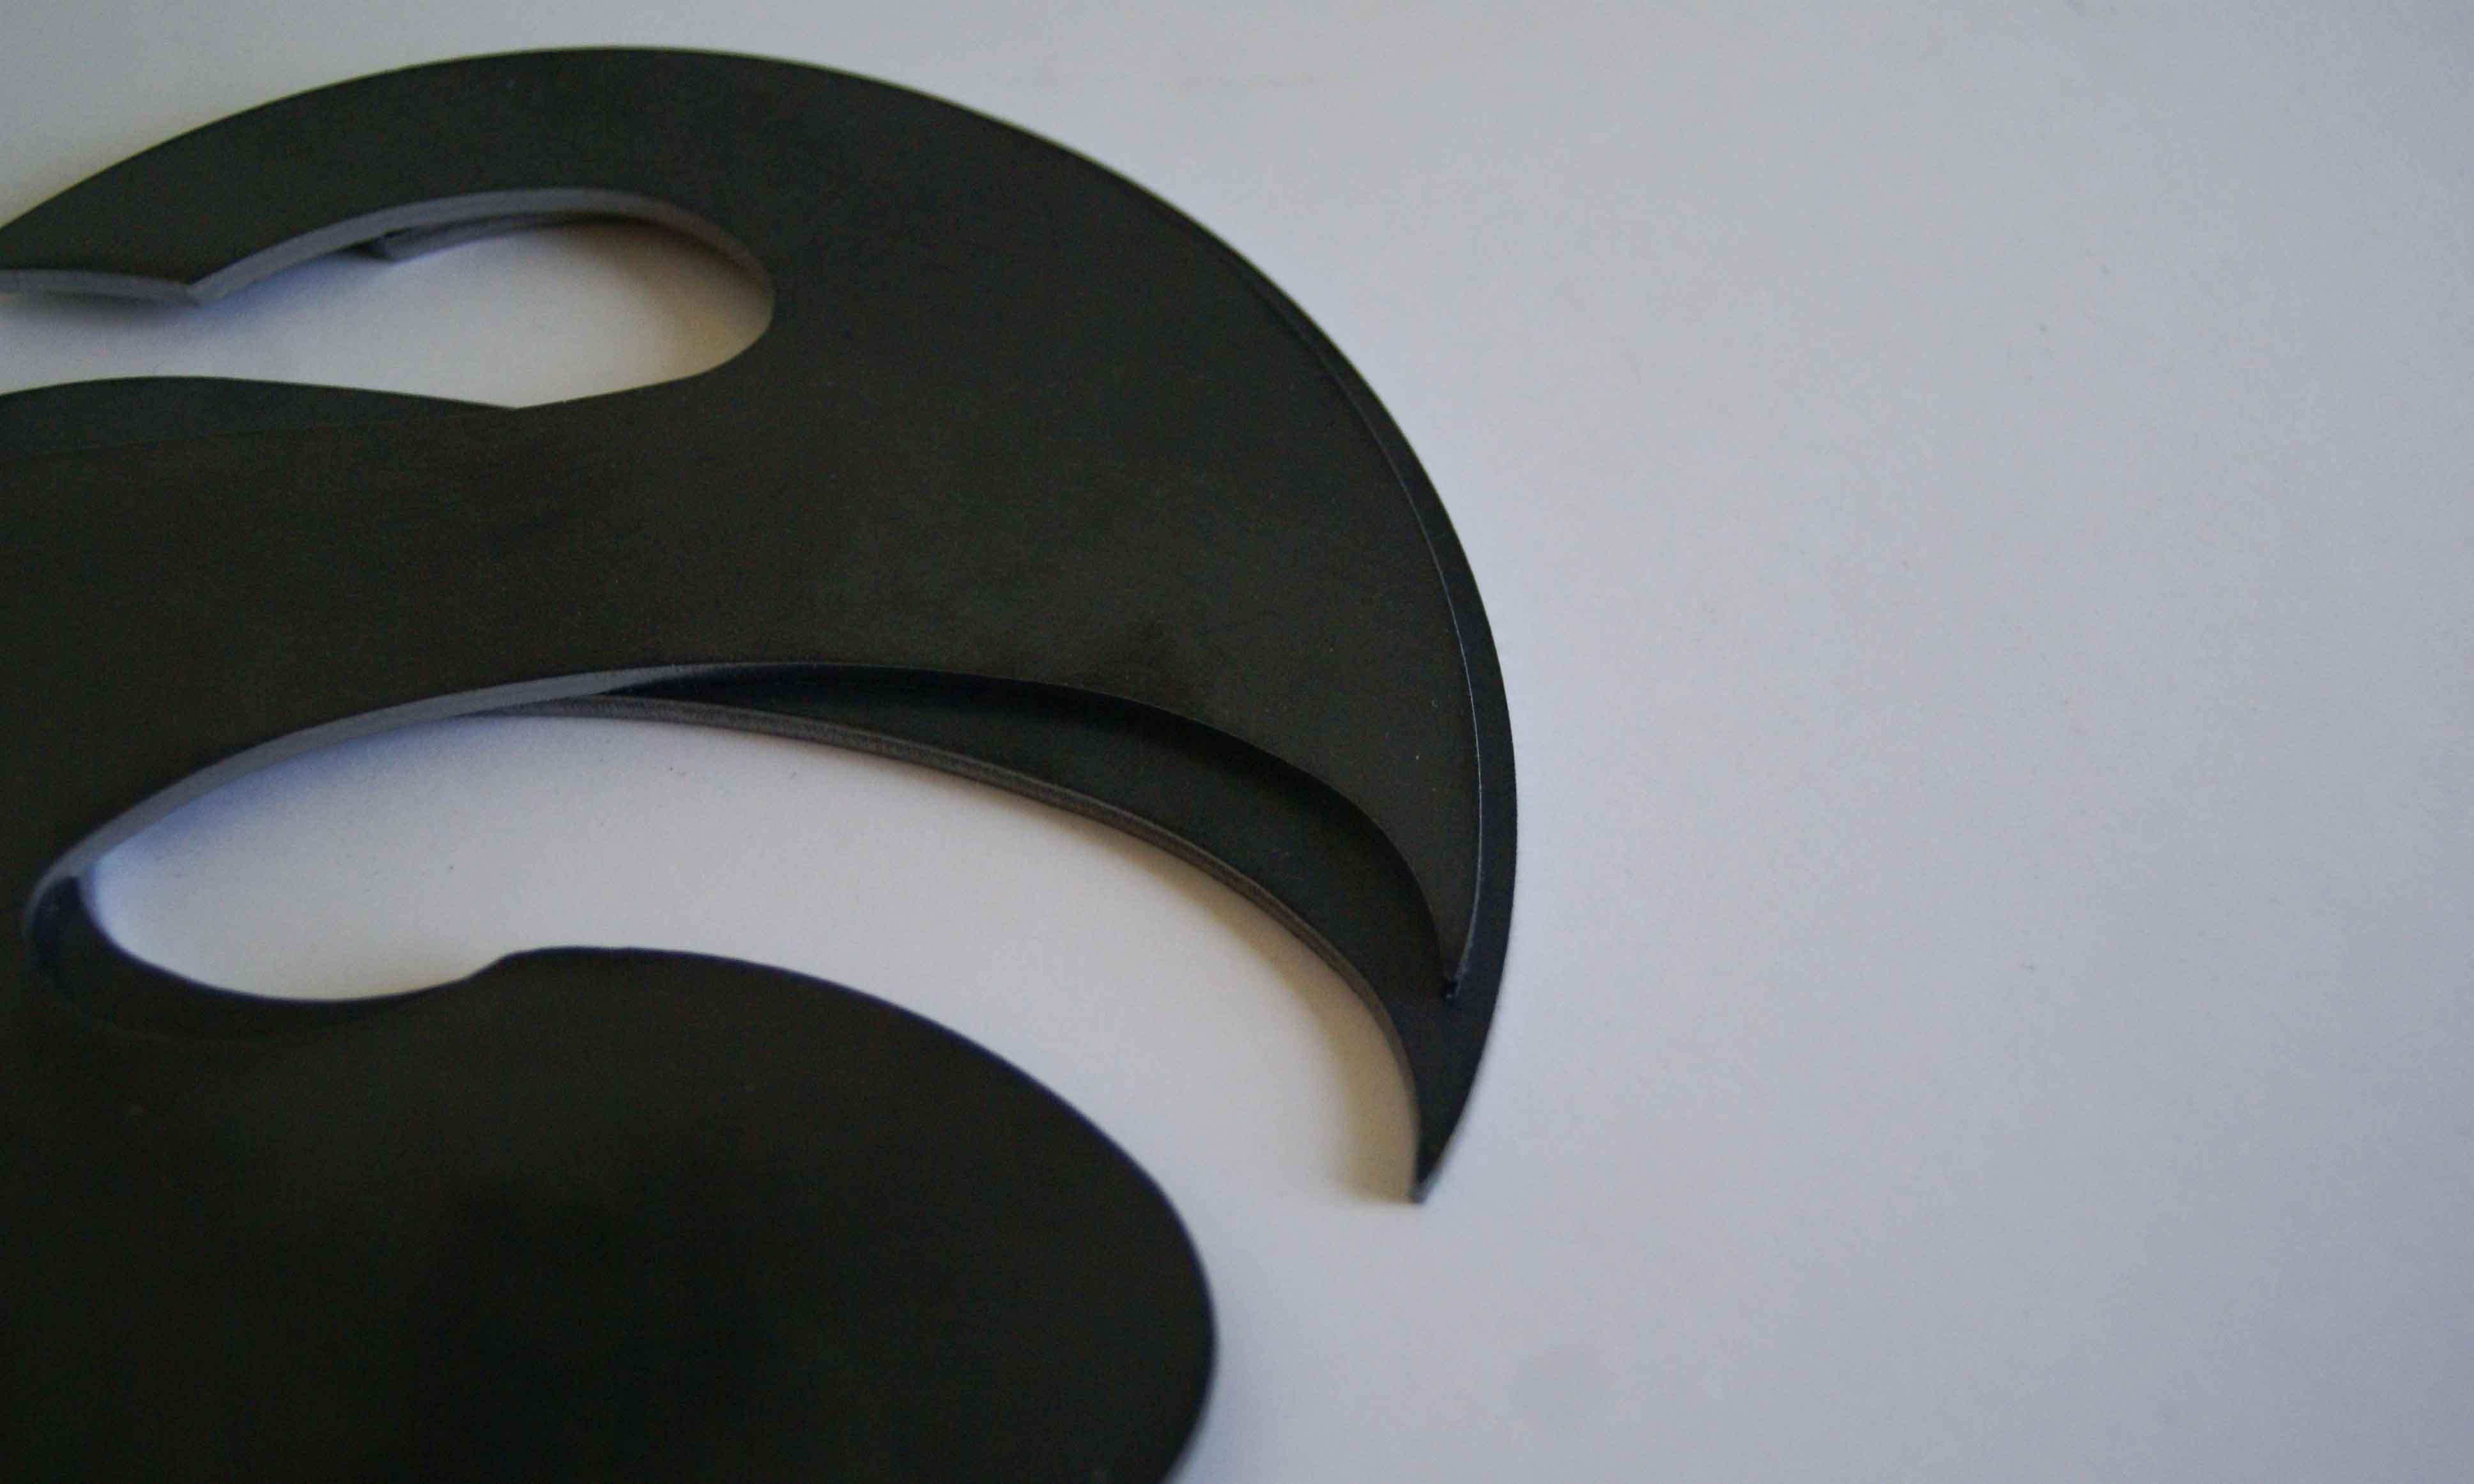 Steel S sculpteo